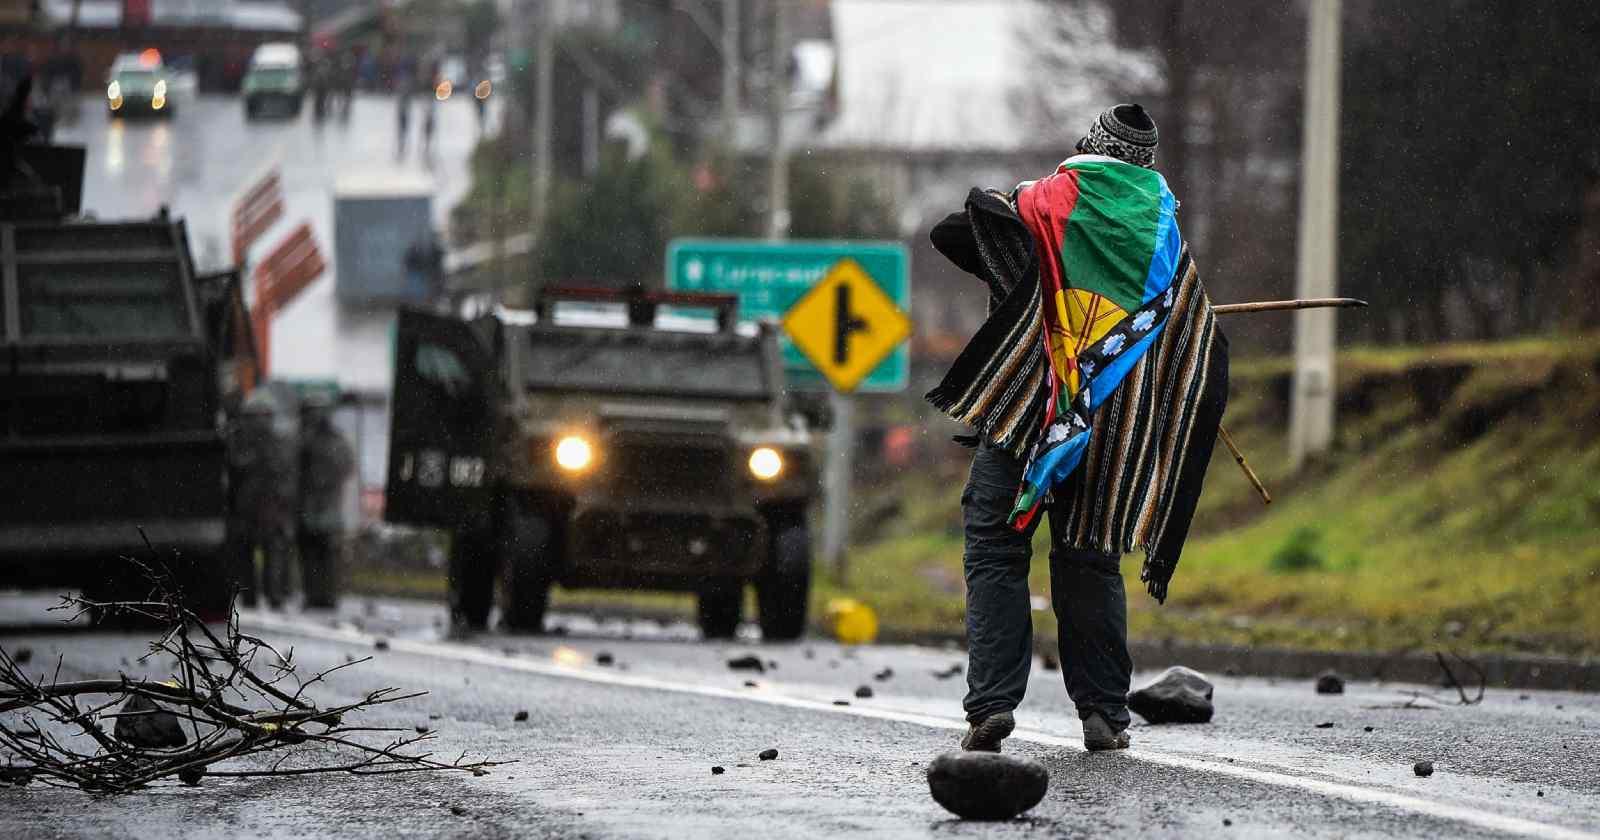 La Araucanía: los hechos y actores de un conflicto histórico